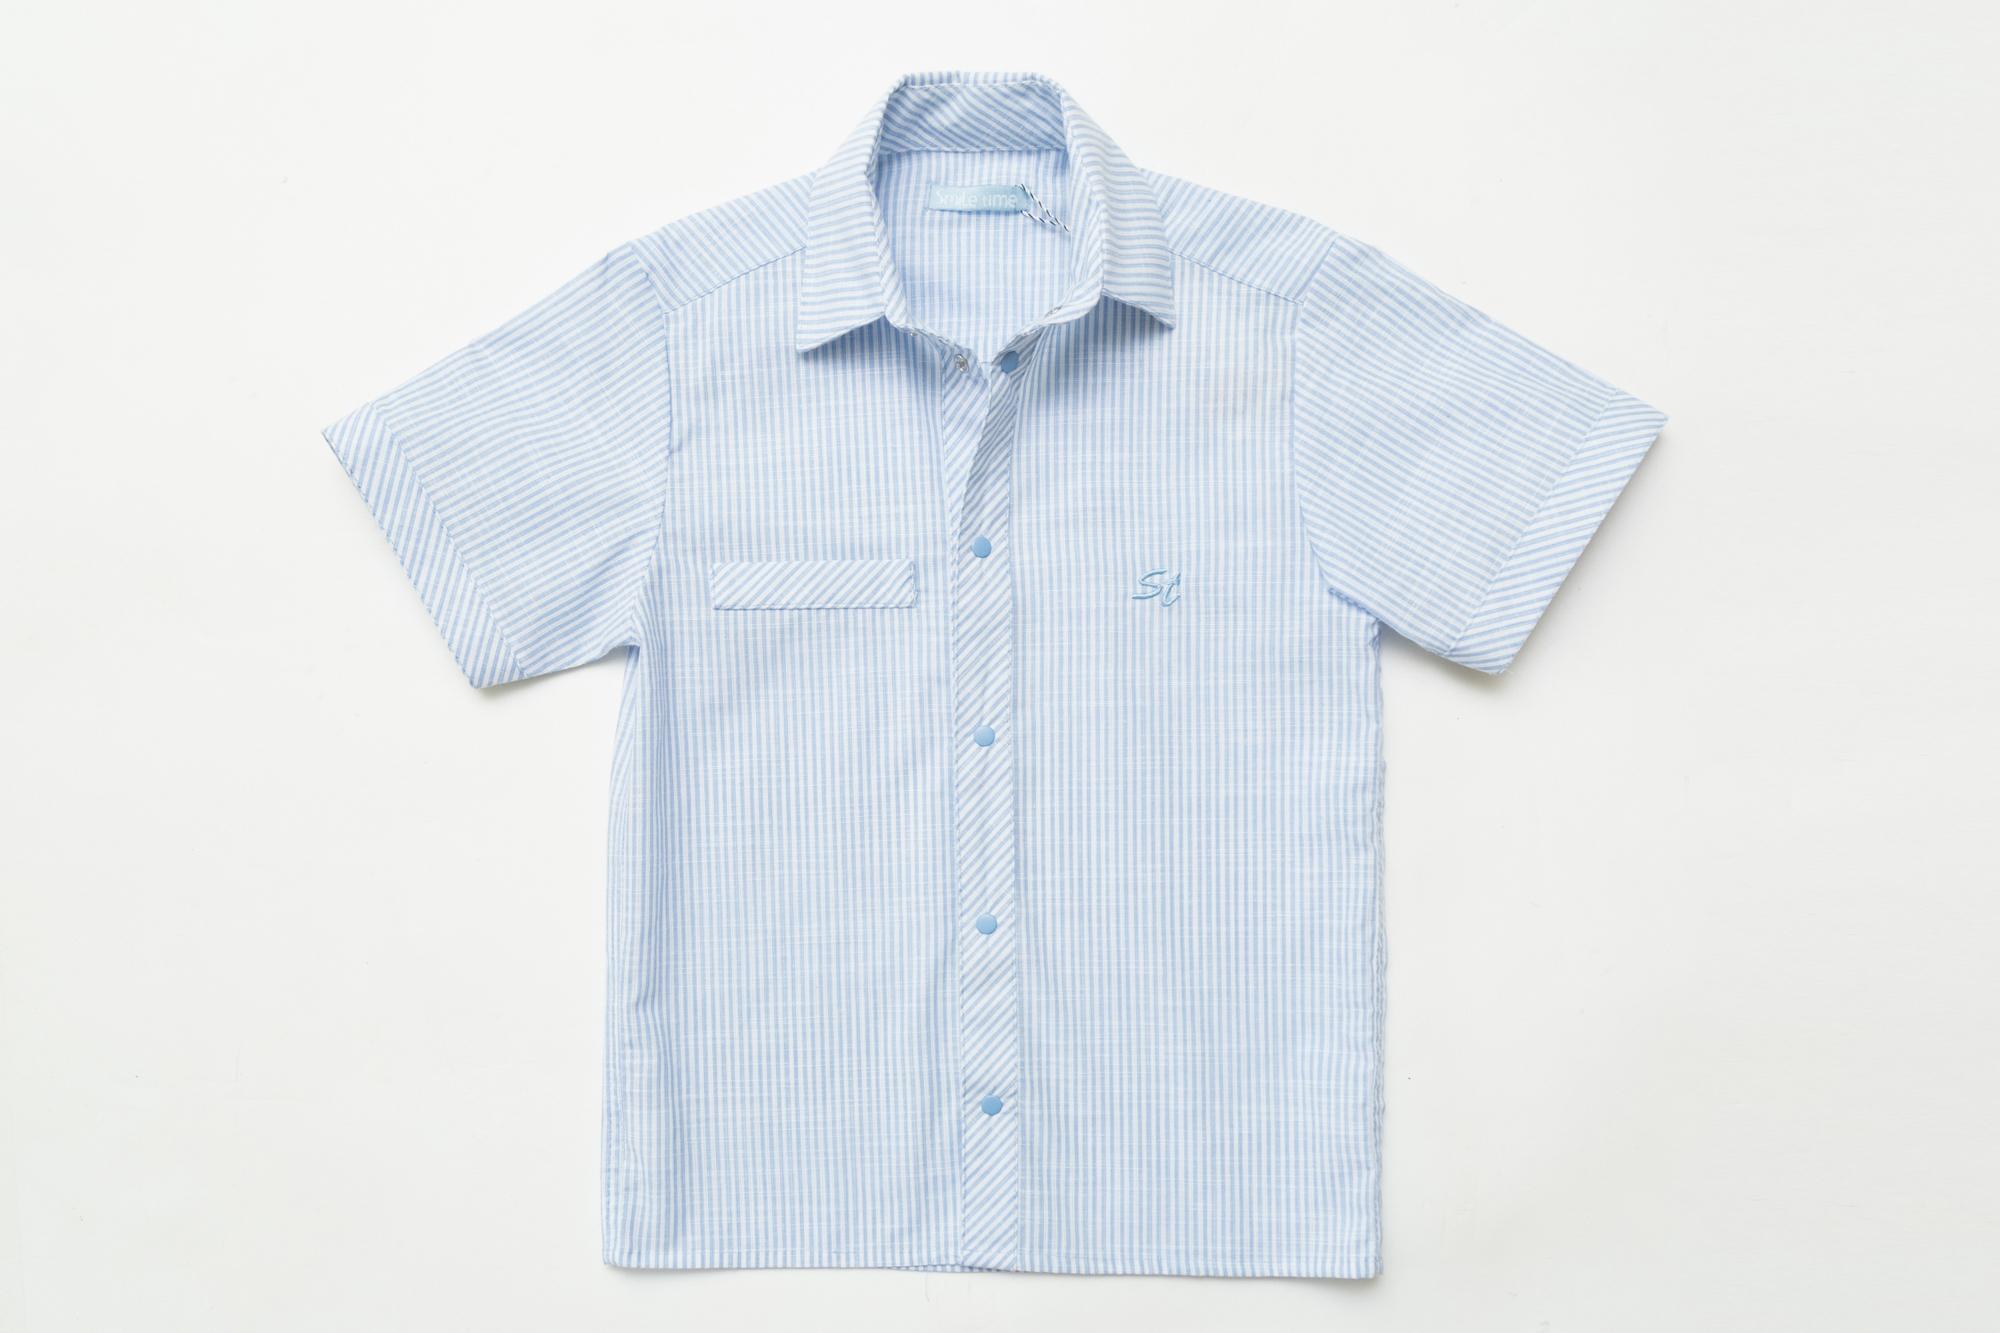 Рубашка SmileTime для мальчика с коротким рукавом на кнопках Полоса, голубая